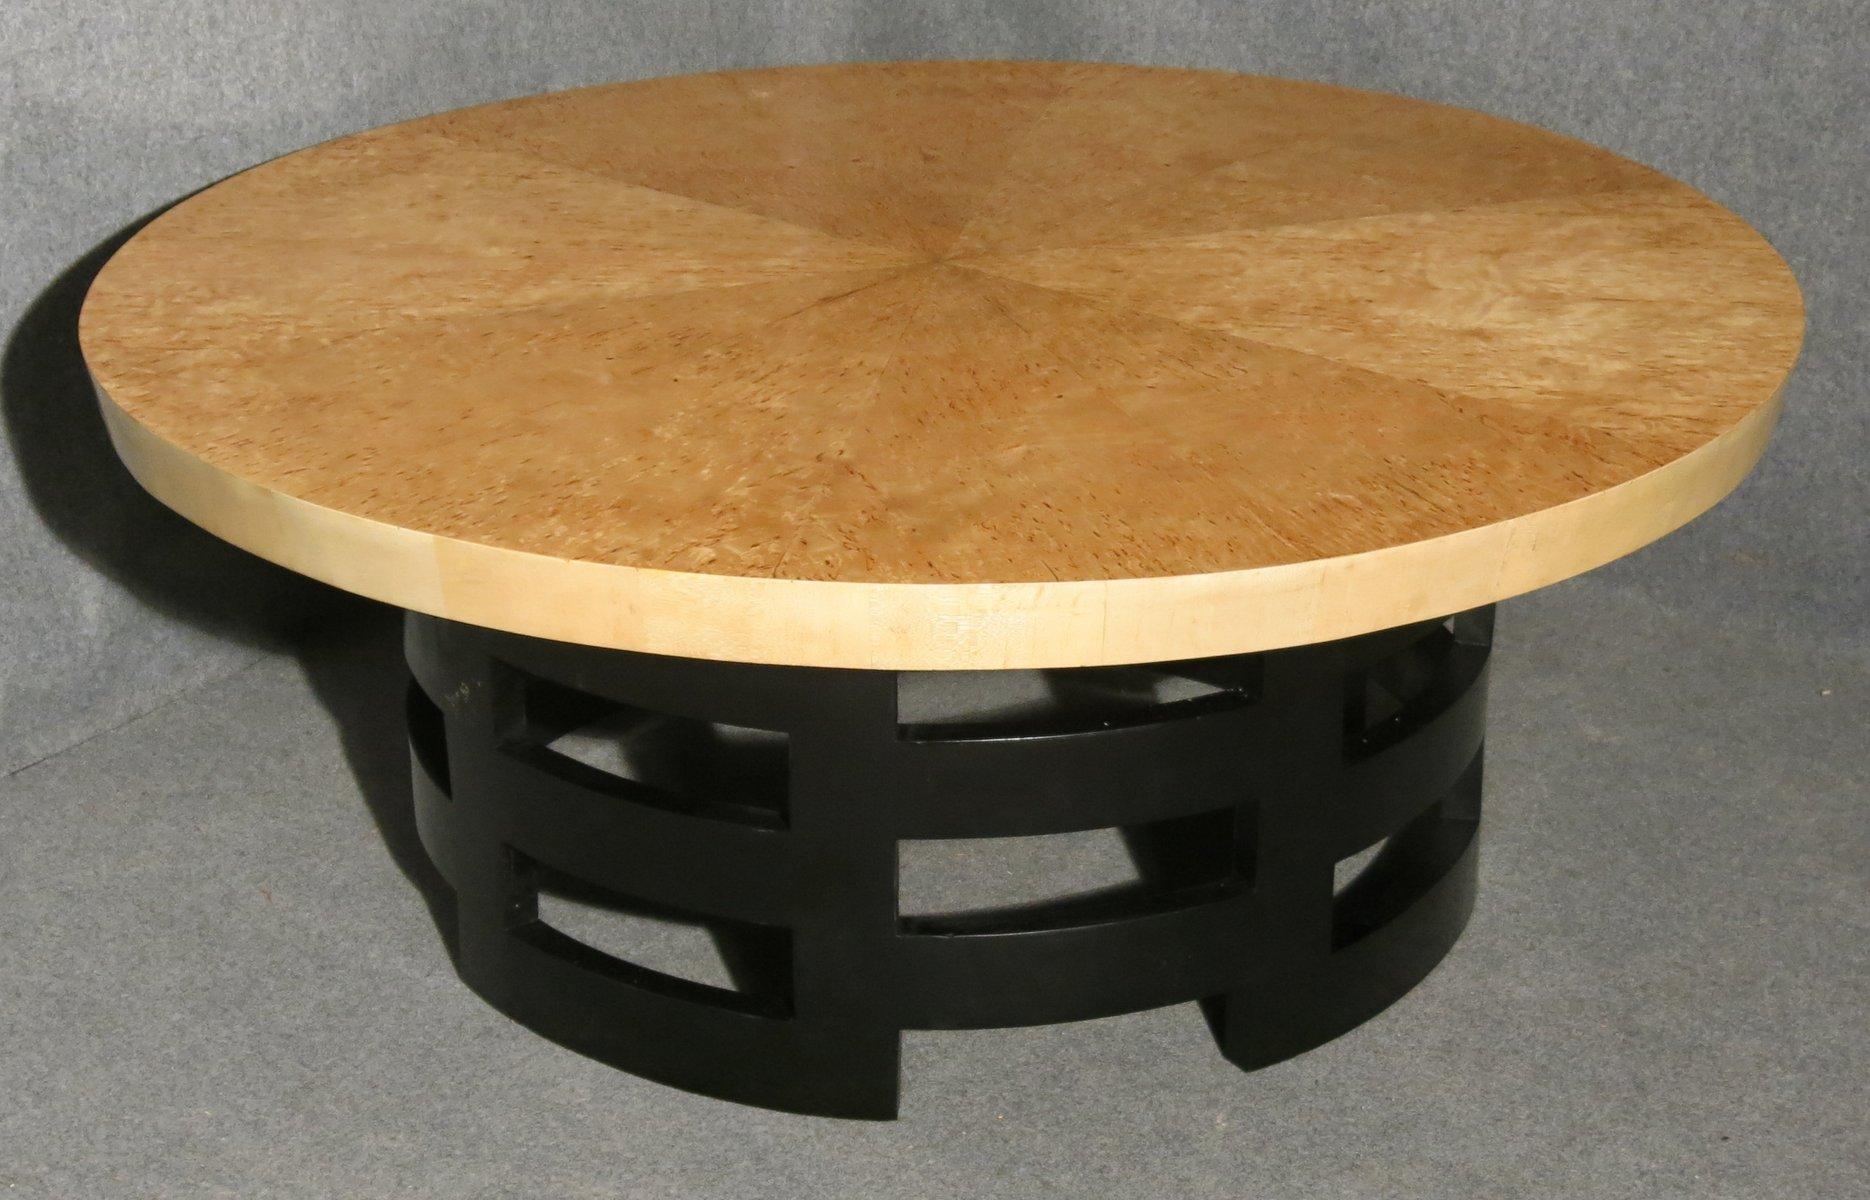 table basse art d co en bouleau france en vente sur pamono. Black Bedroom Furniture Sets. Home Design Ideas